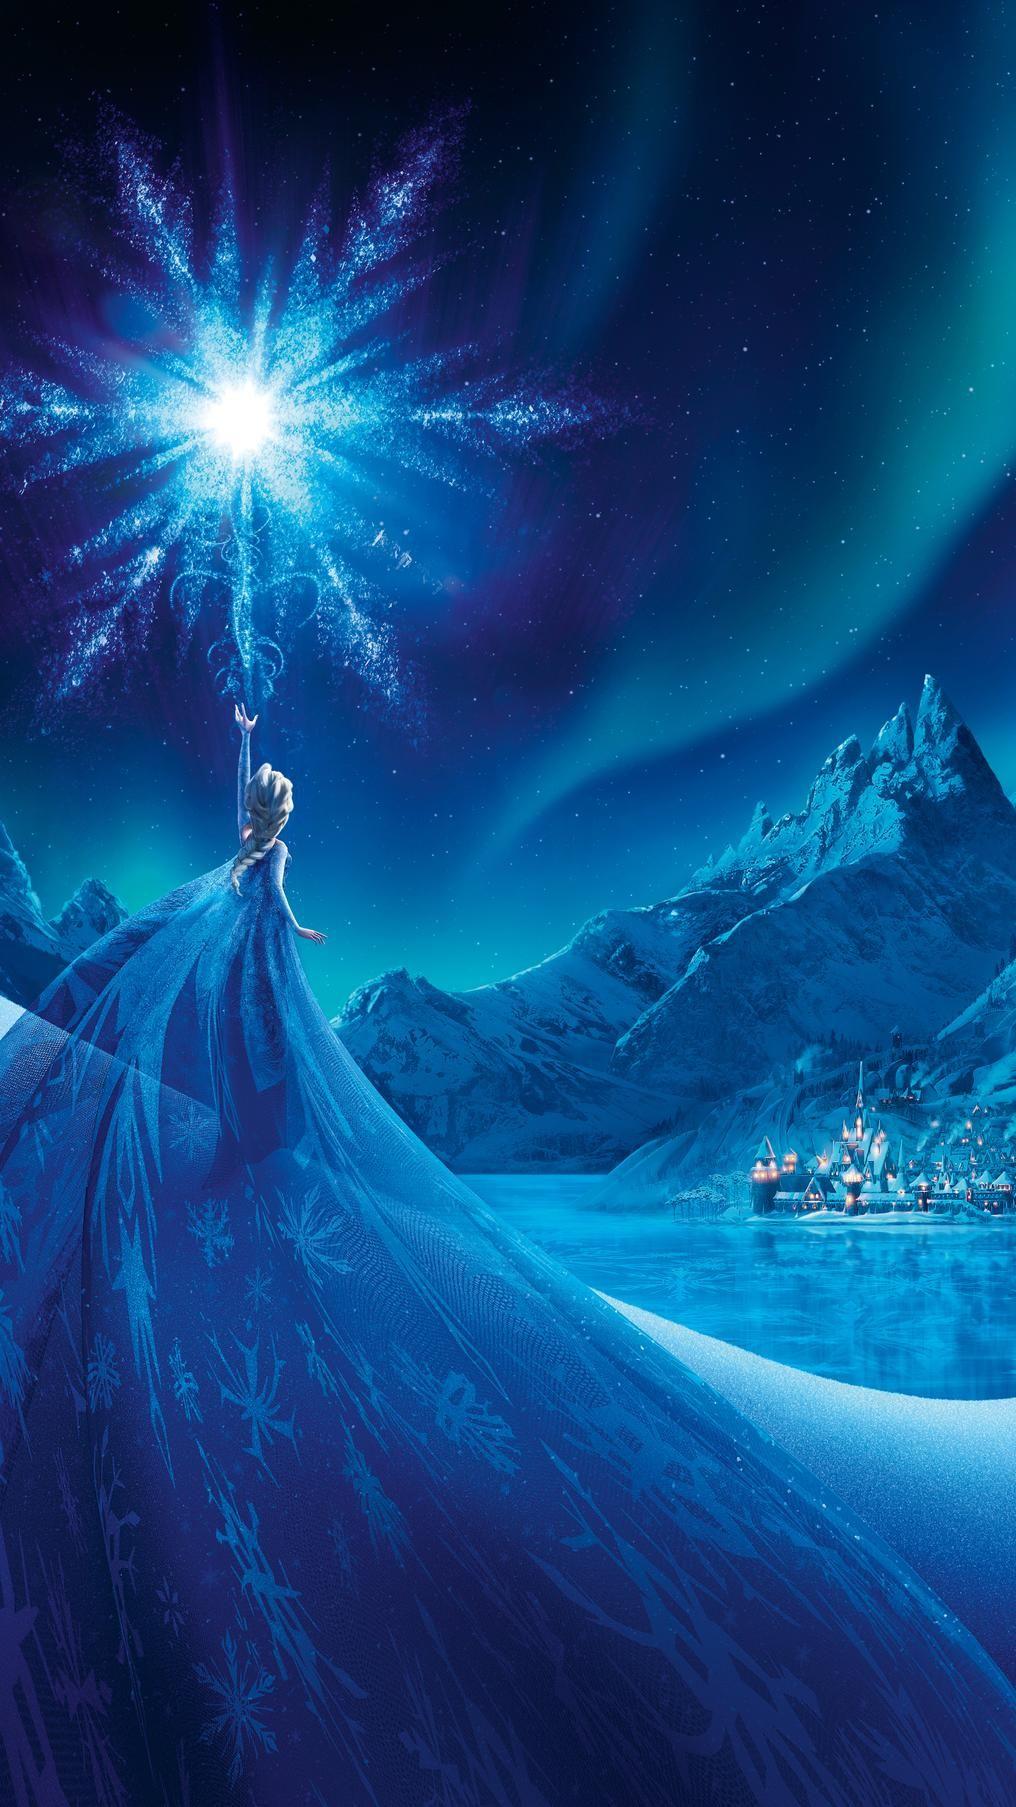 Frozen (2013) Phone Wallpaper in 2020 Disney princess